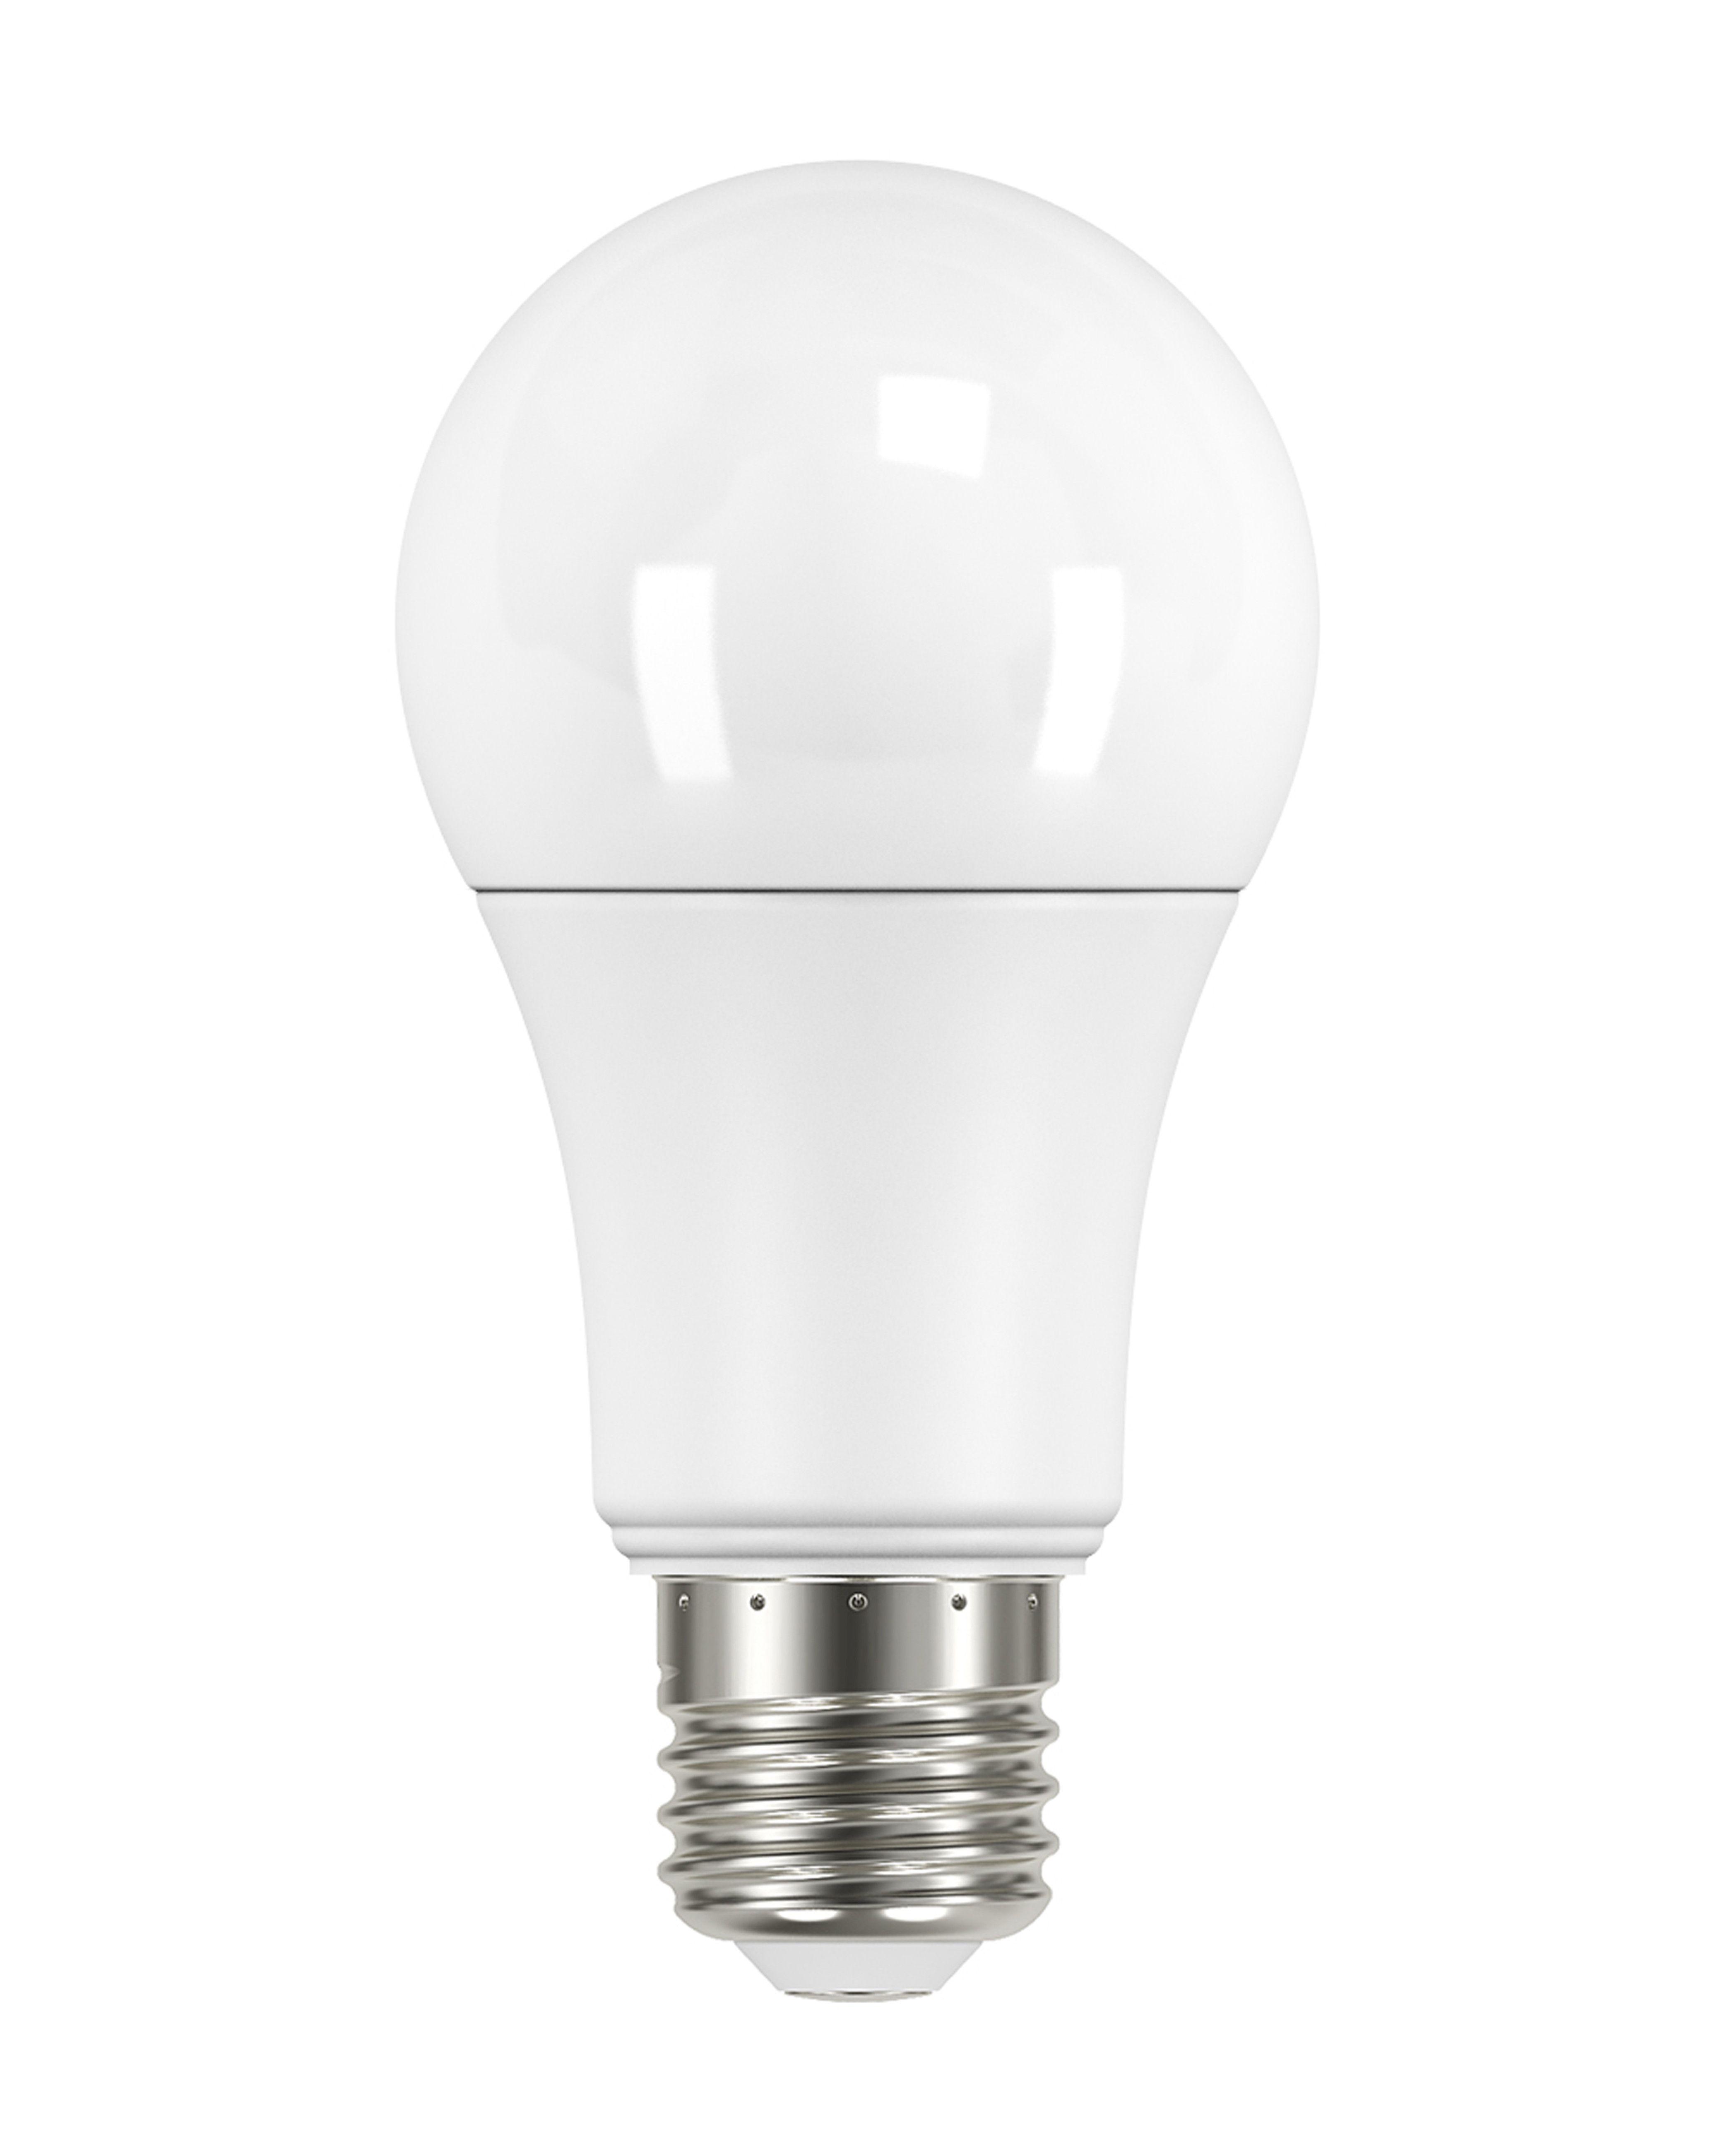 Купить Лампа светодиодная Osram LSCLA100 11, 5W/827 230VFR E2710X1RUOsram теплый-белый, Osram Ledvance